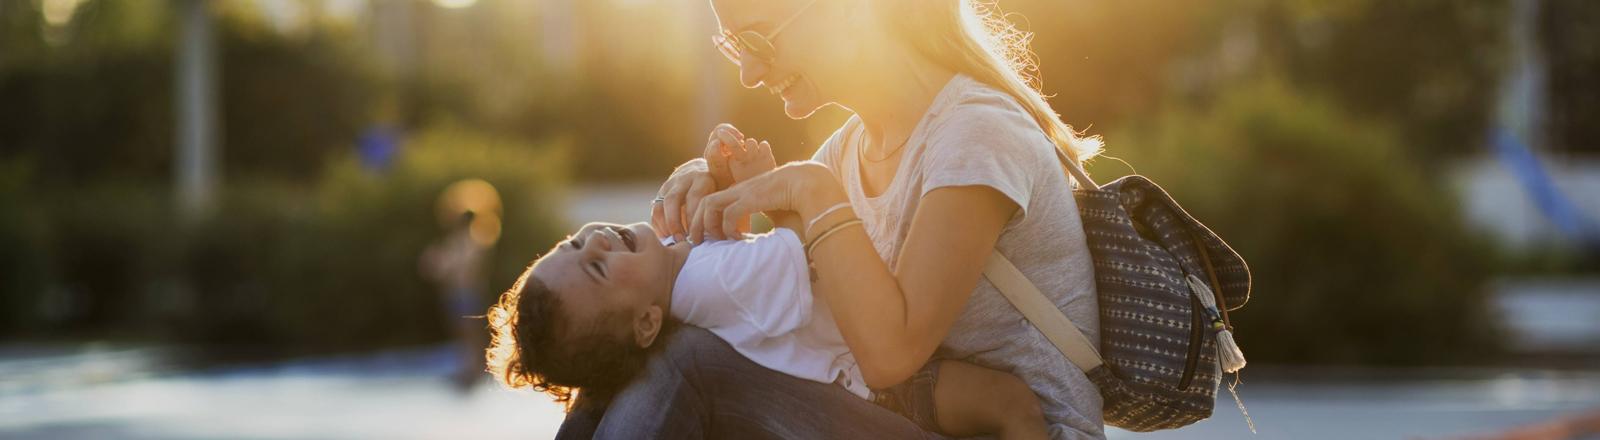 Mutter kitzelt ihr Kind